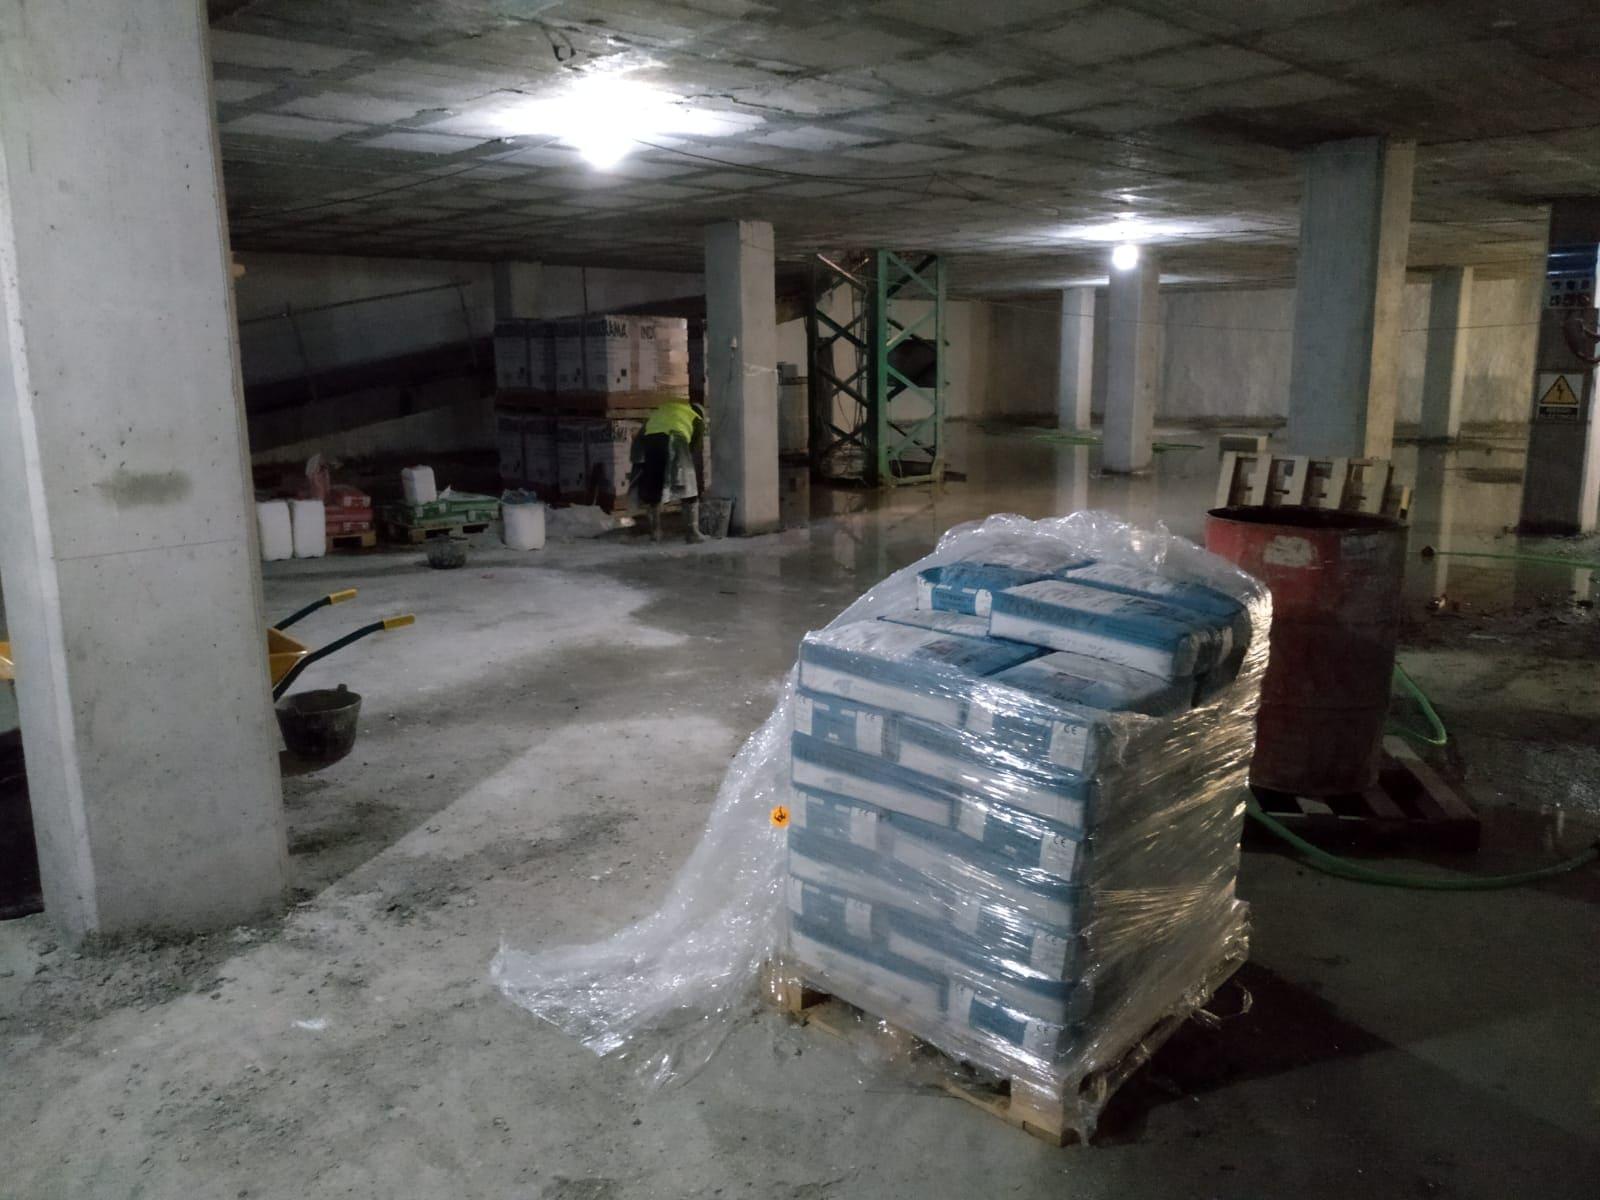 obra garaje con aplicación tecmadry-premhor-cryladit